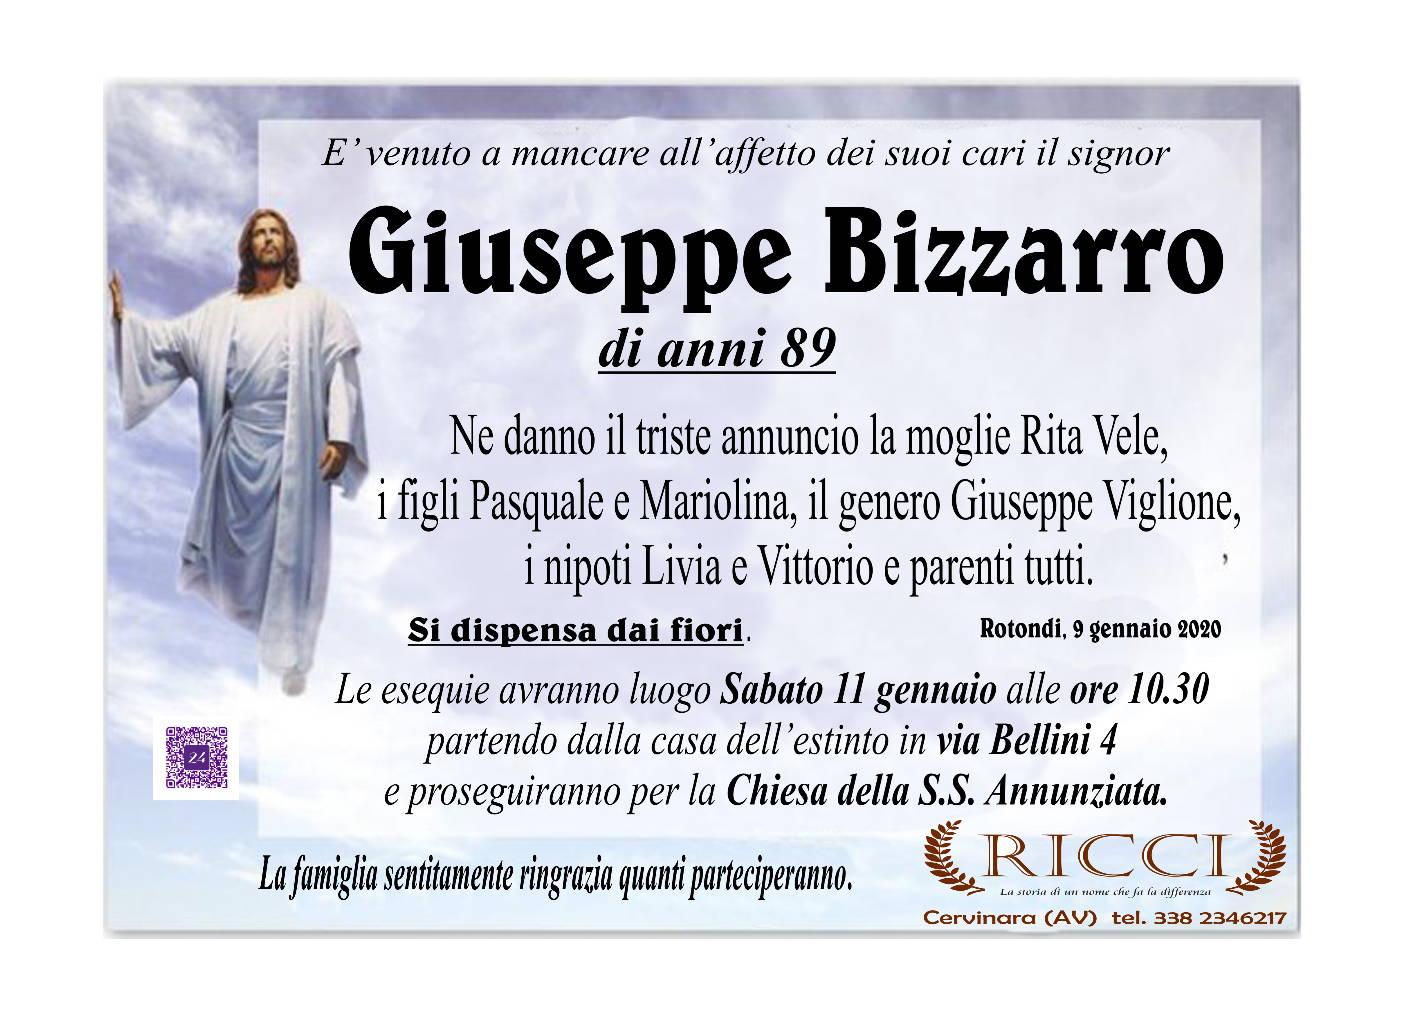 Giuseppe Bizzarro